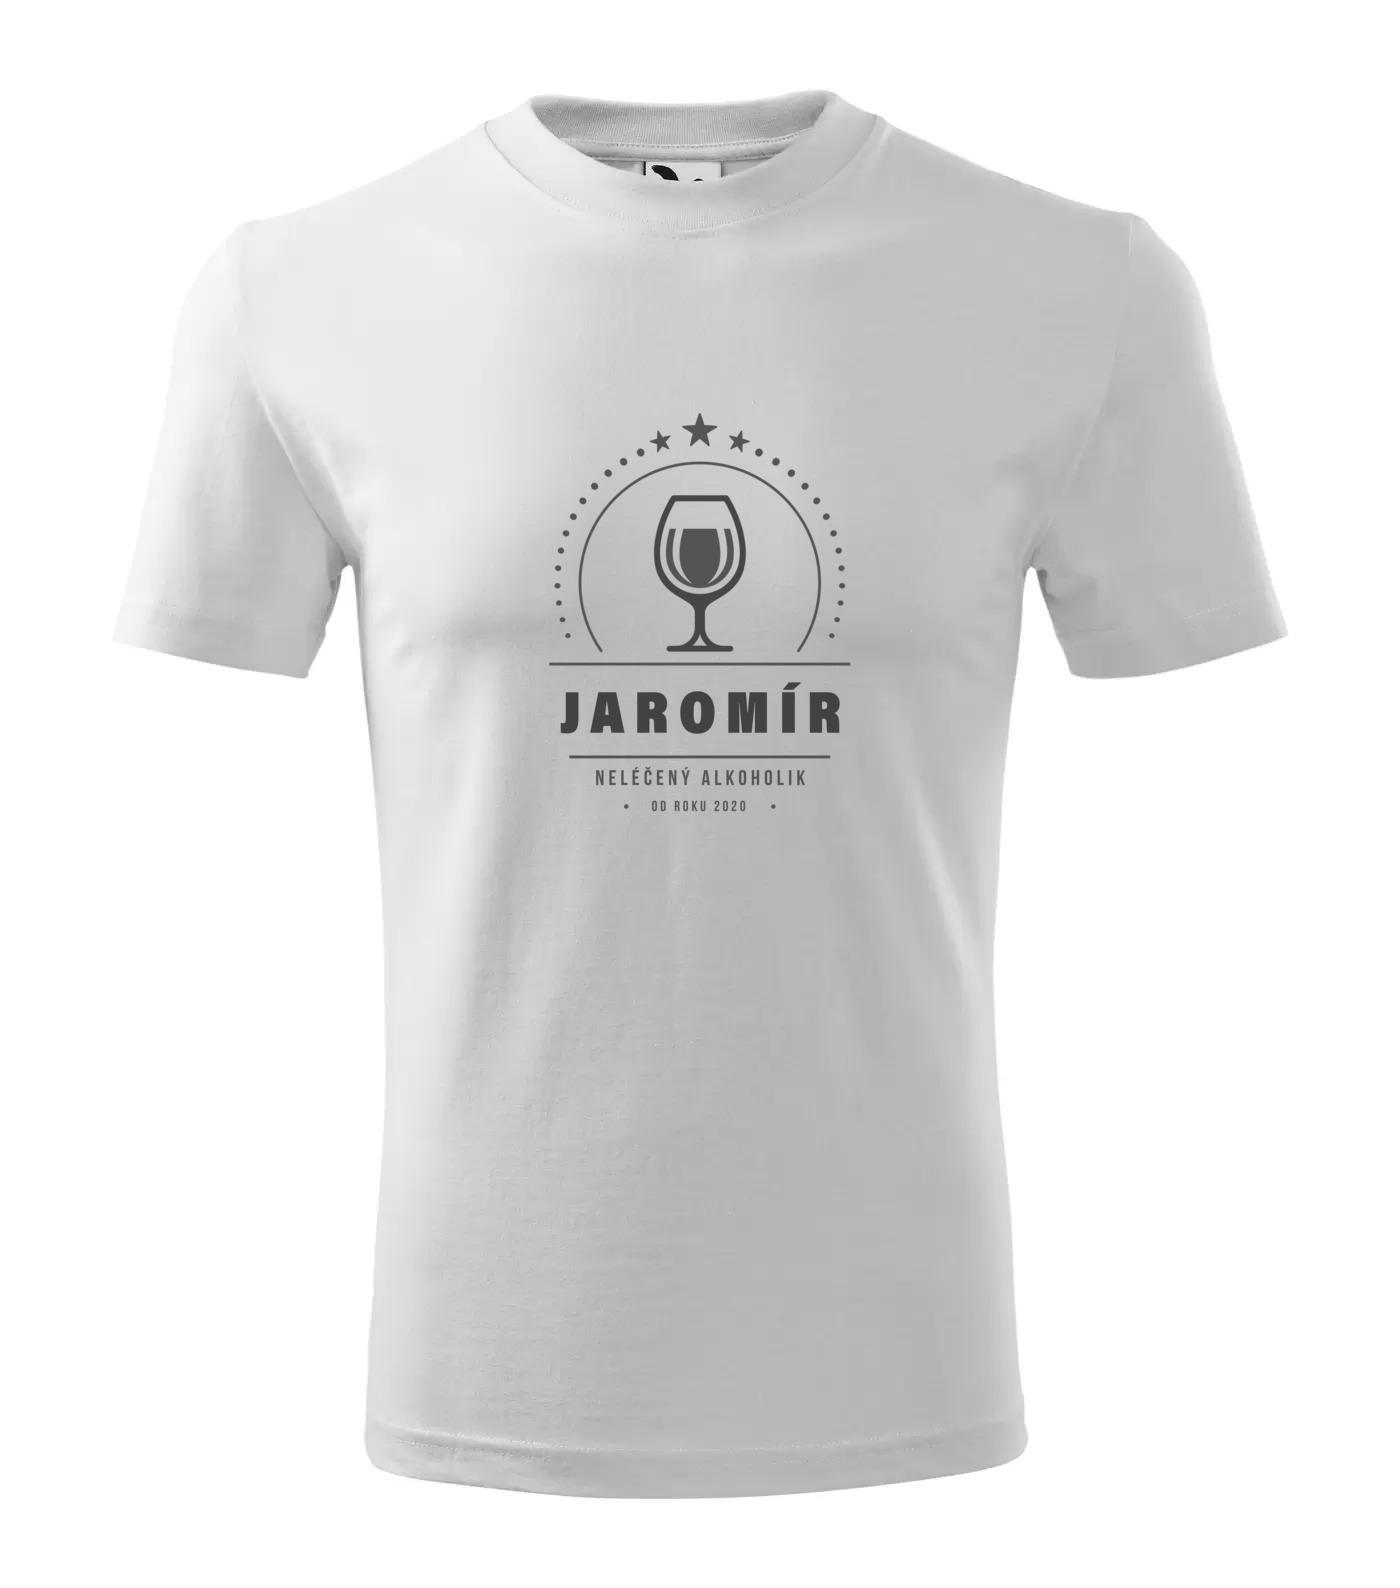 Tričko Alkoholik Jaromír